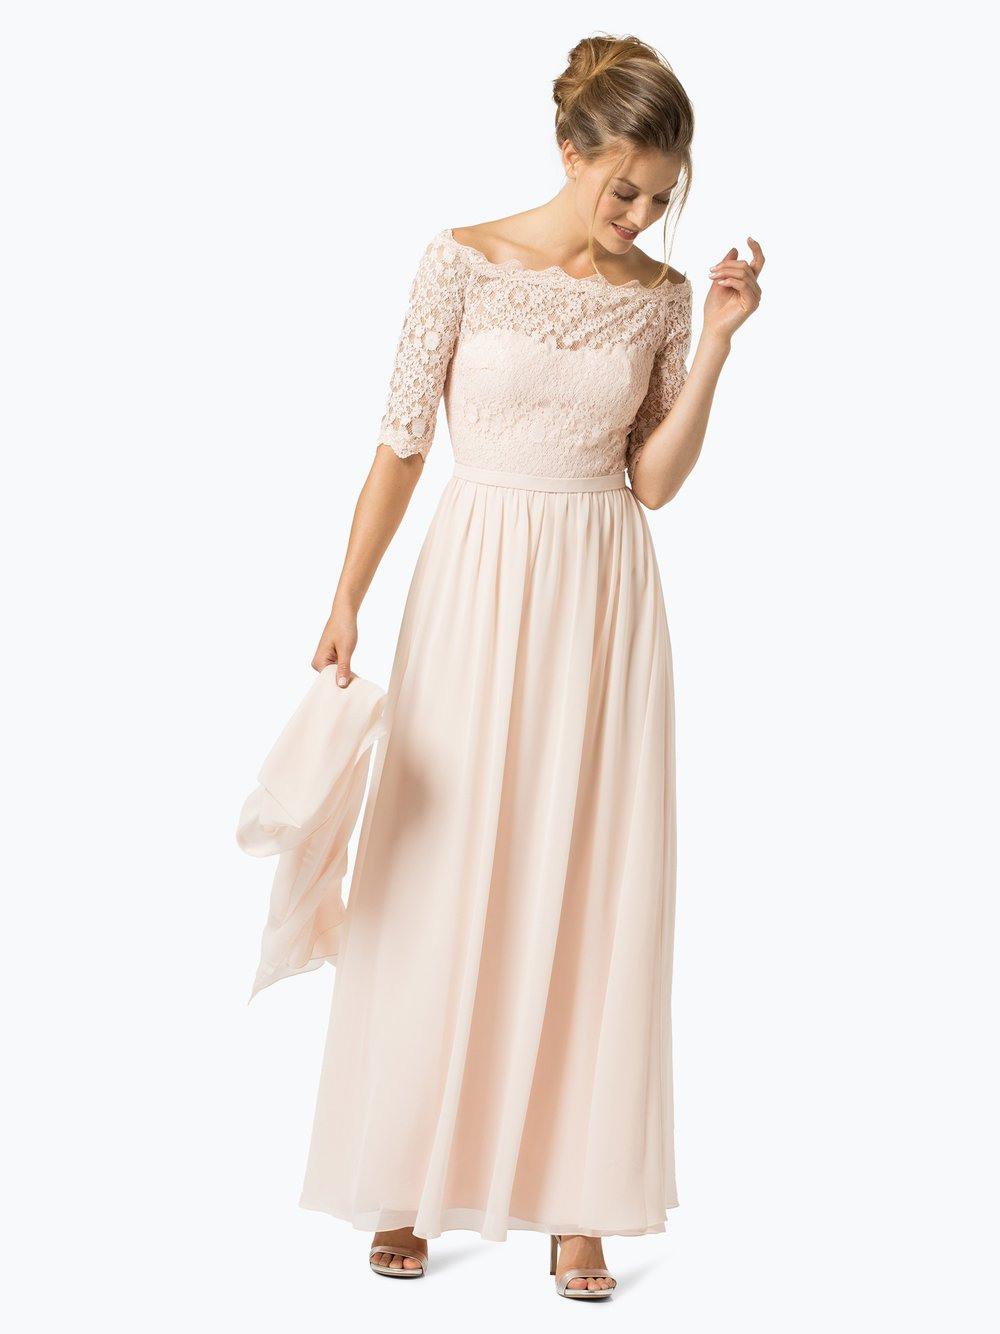 Fantastisch Stola Für Abendkleid Bester Preis15 Luxurius Stola Für Abendkleid Stylish